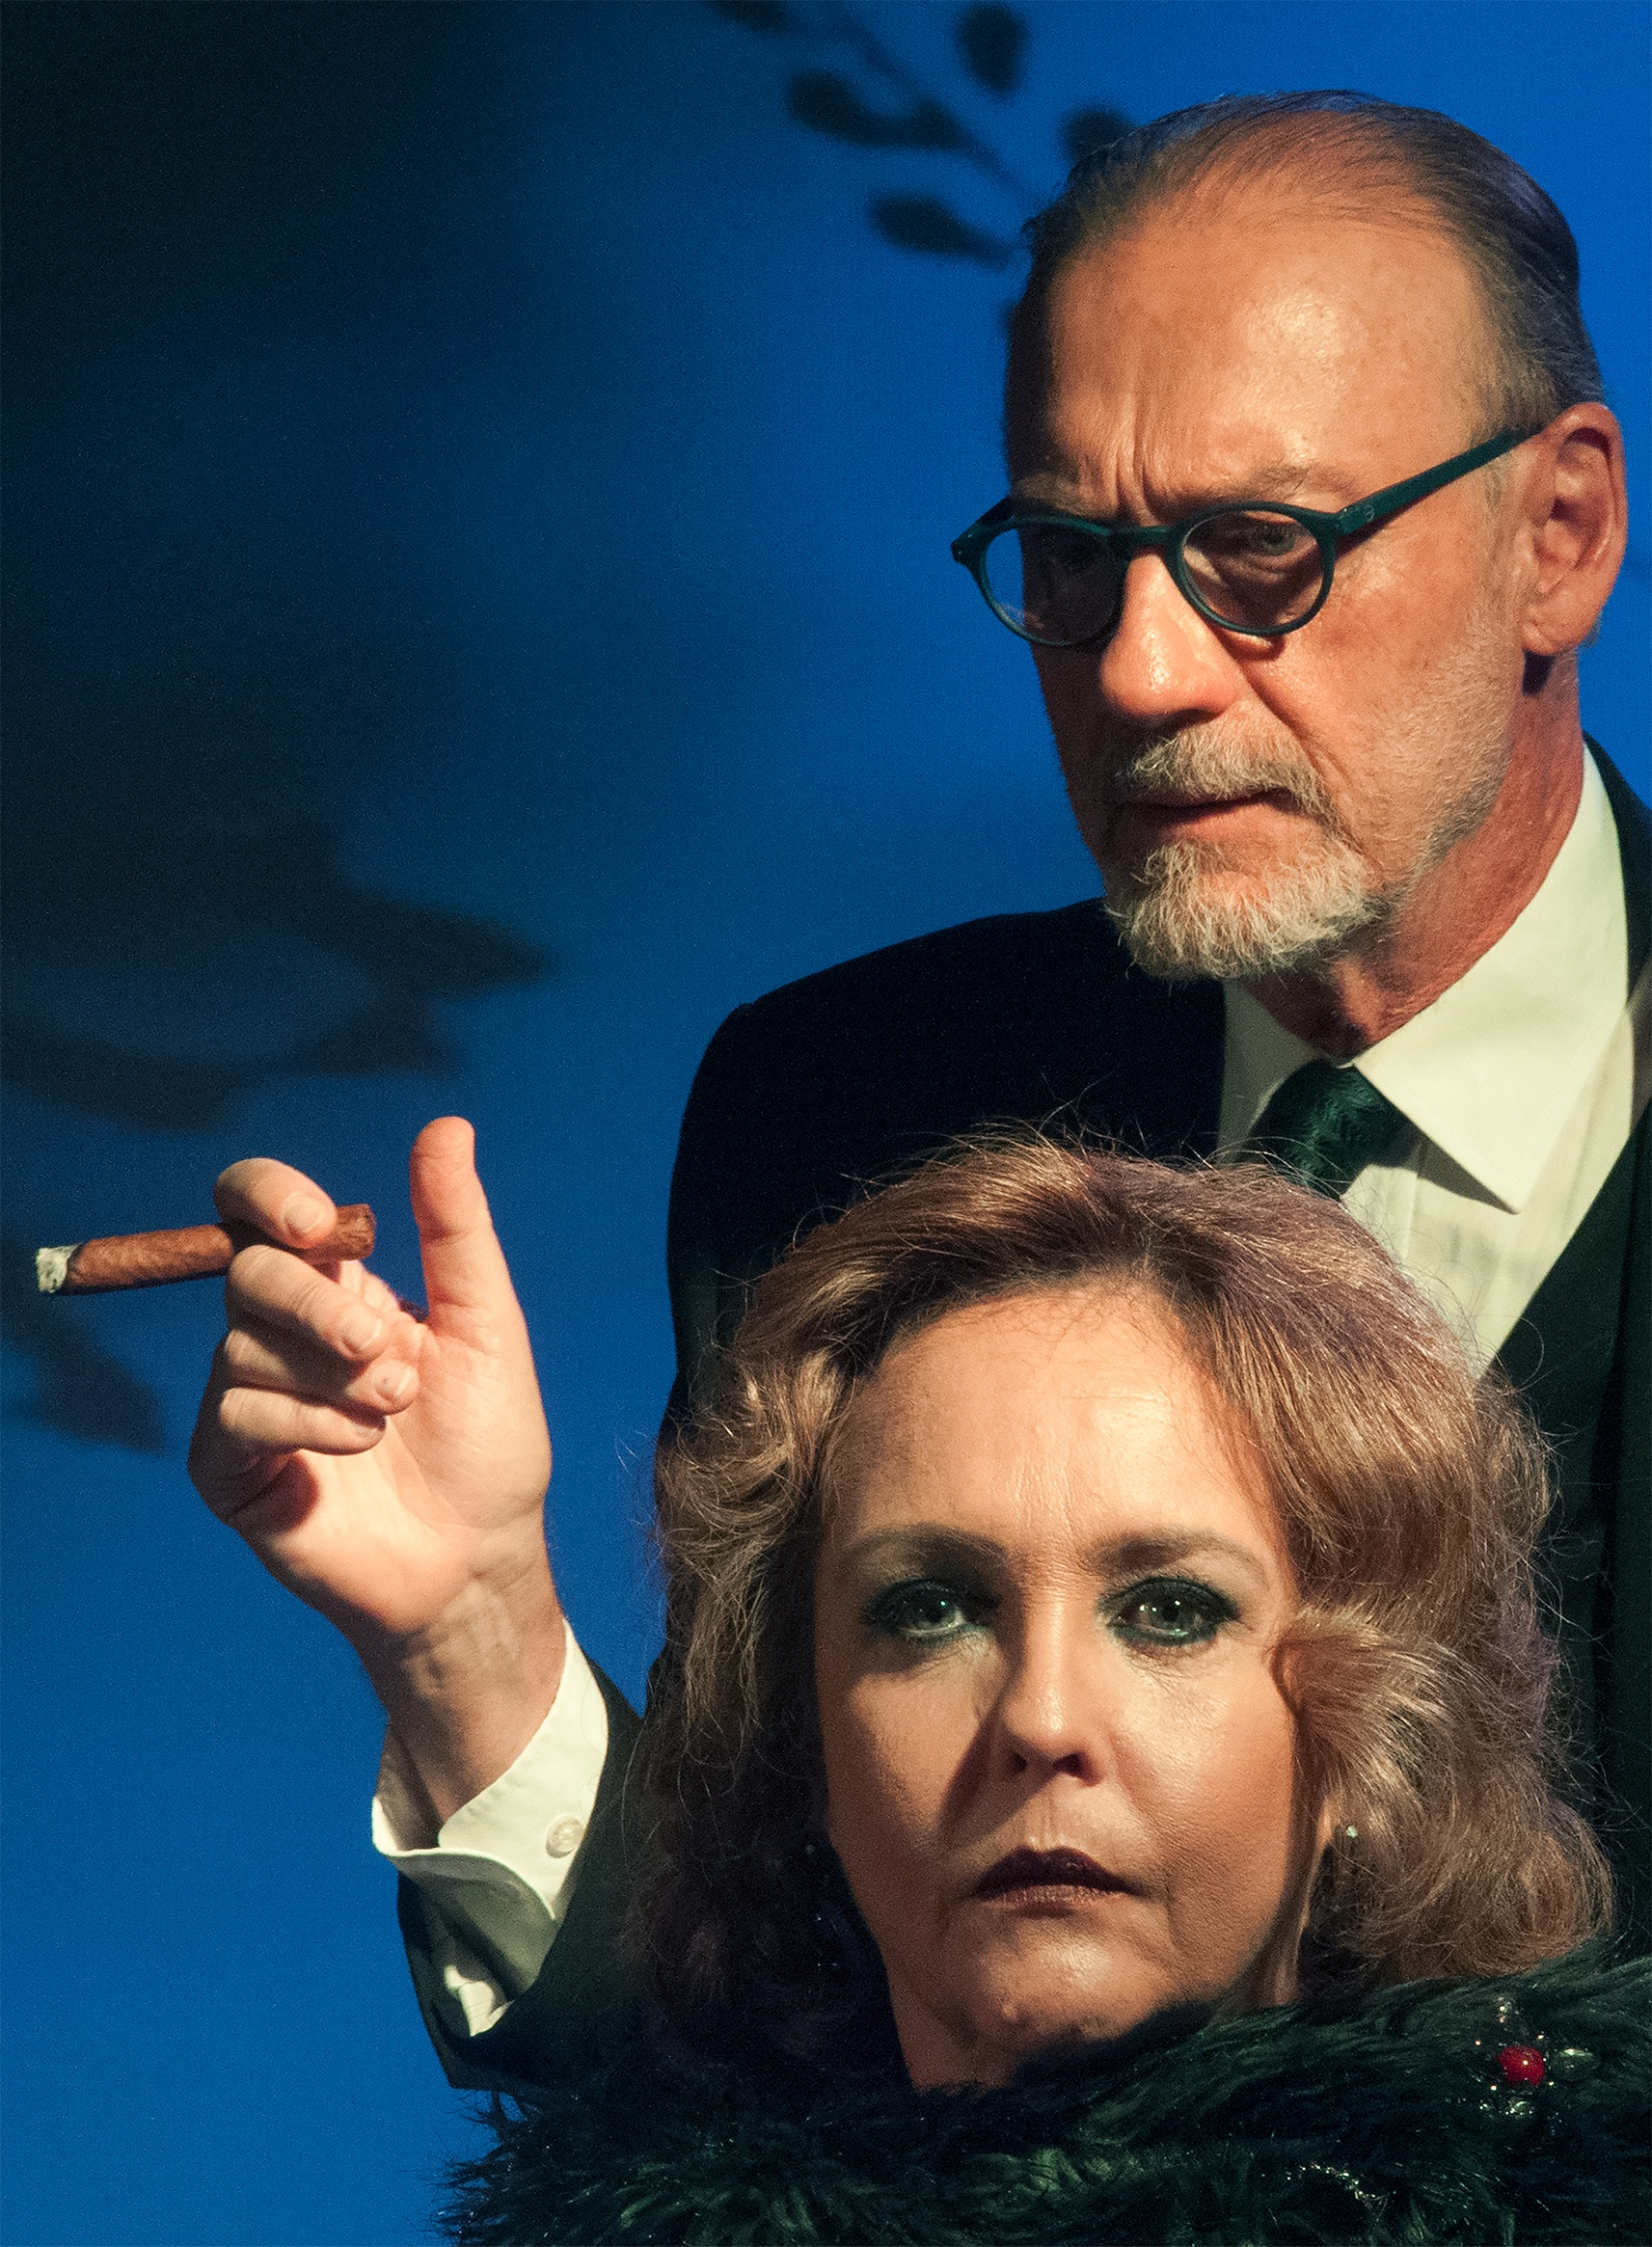 Hilda e Freud chega a Goiânia para sessão única